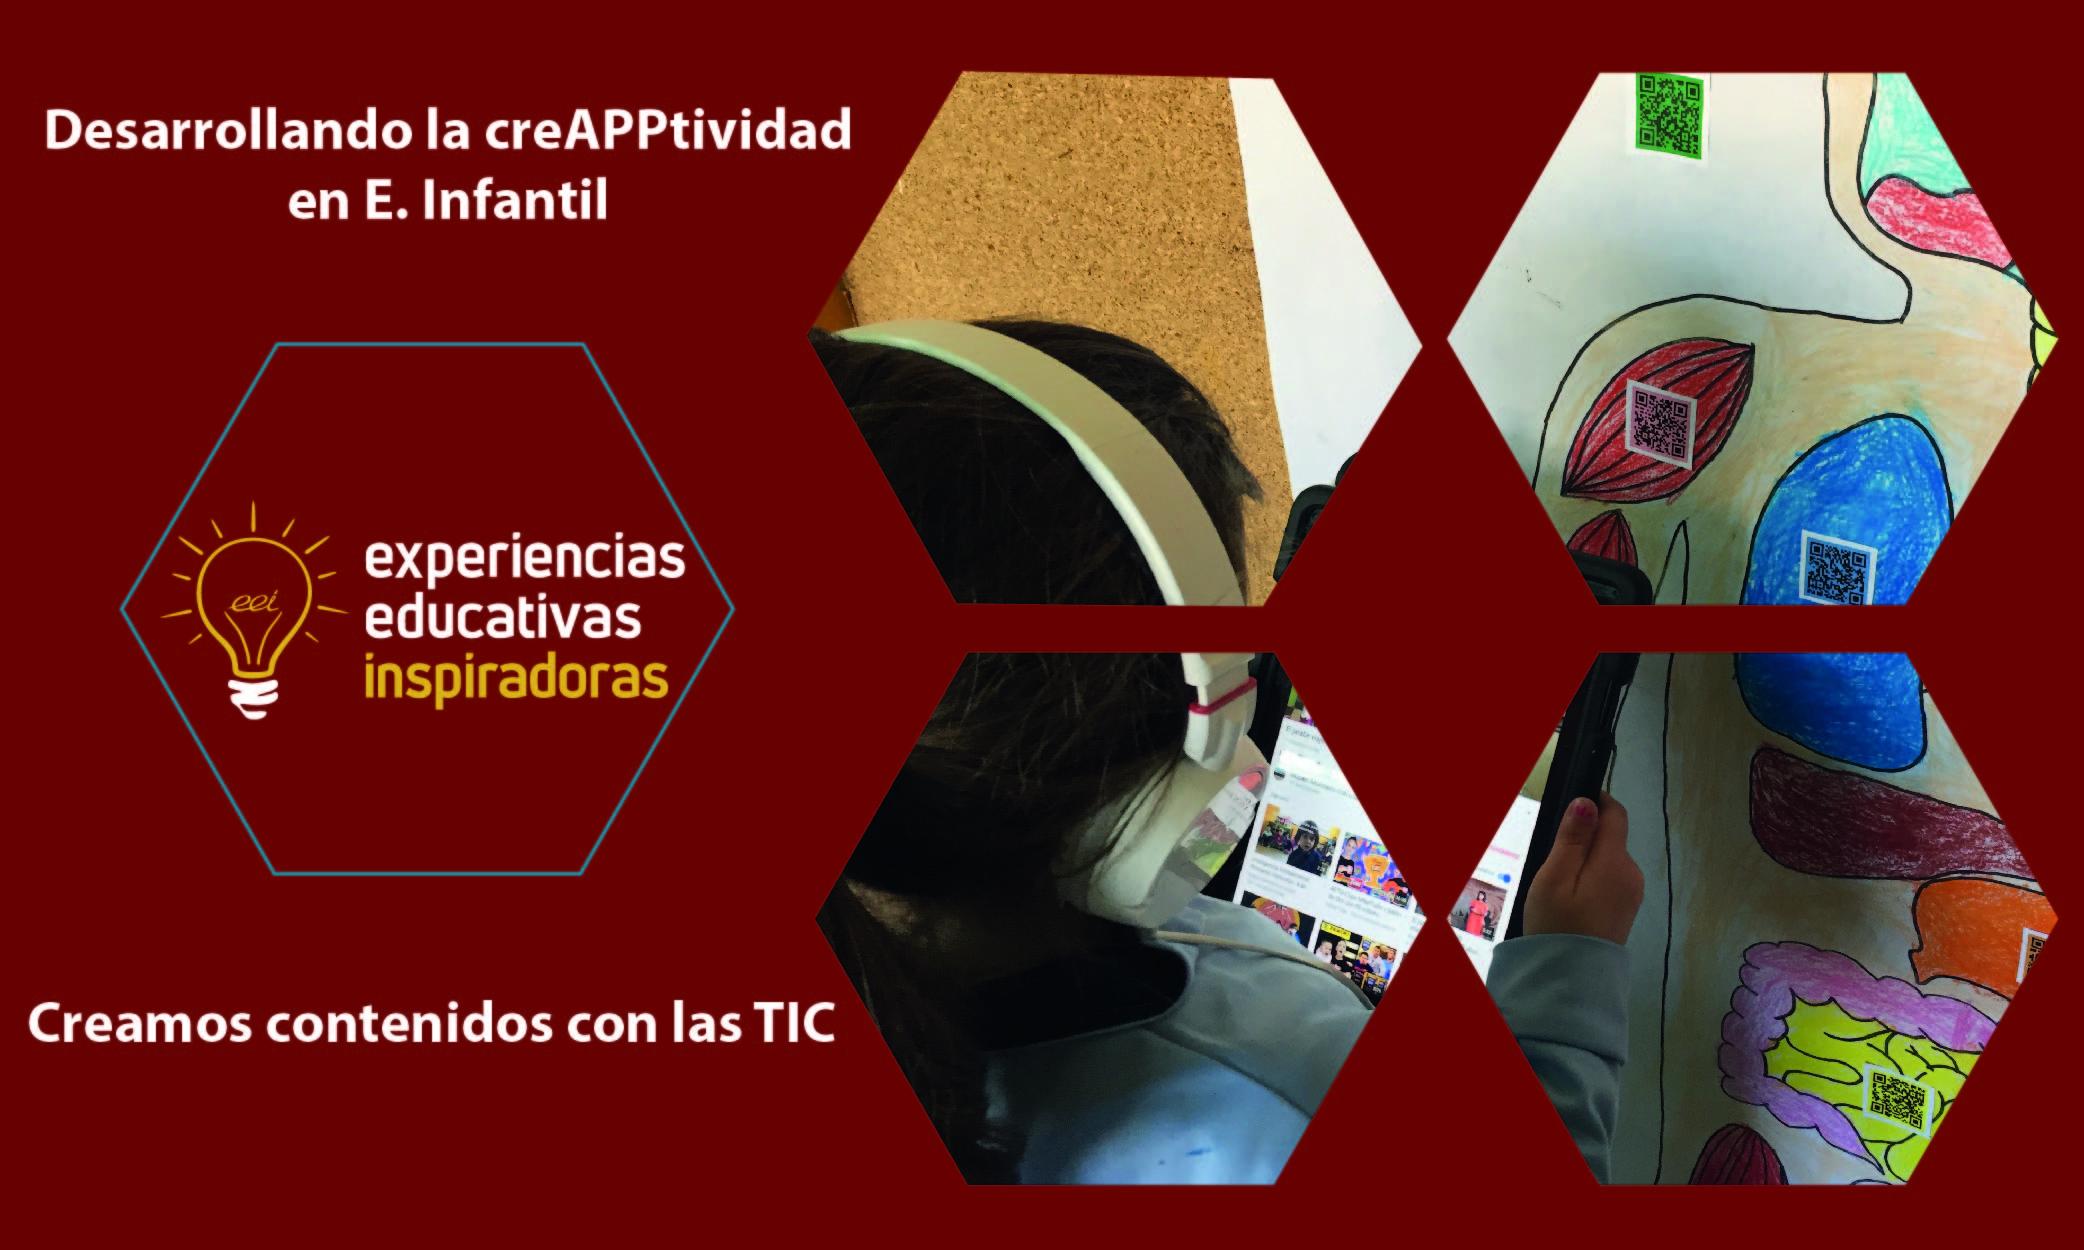 Experiencia Educativa Inspiradora: Desarrollando la CreAAPtividad en E. Infantil